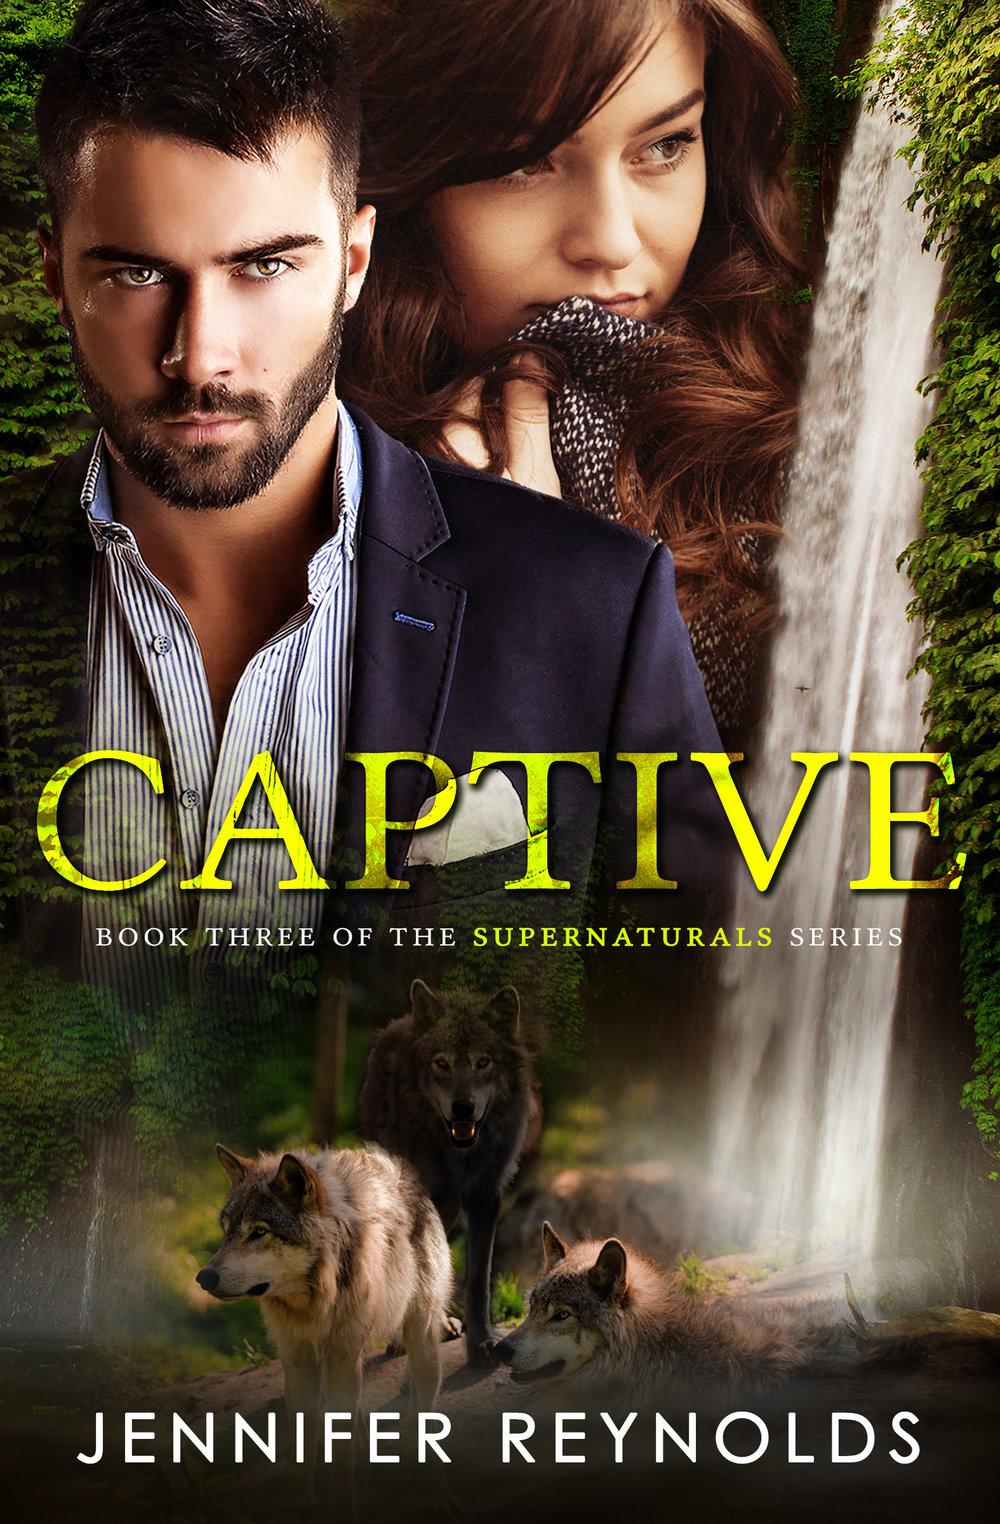 Captive.jpg